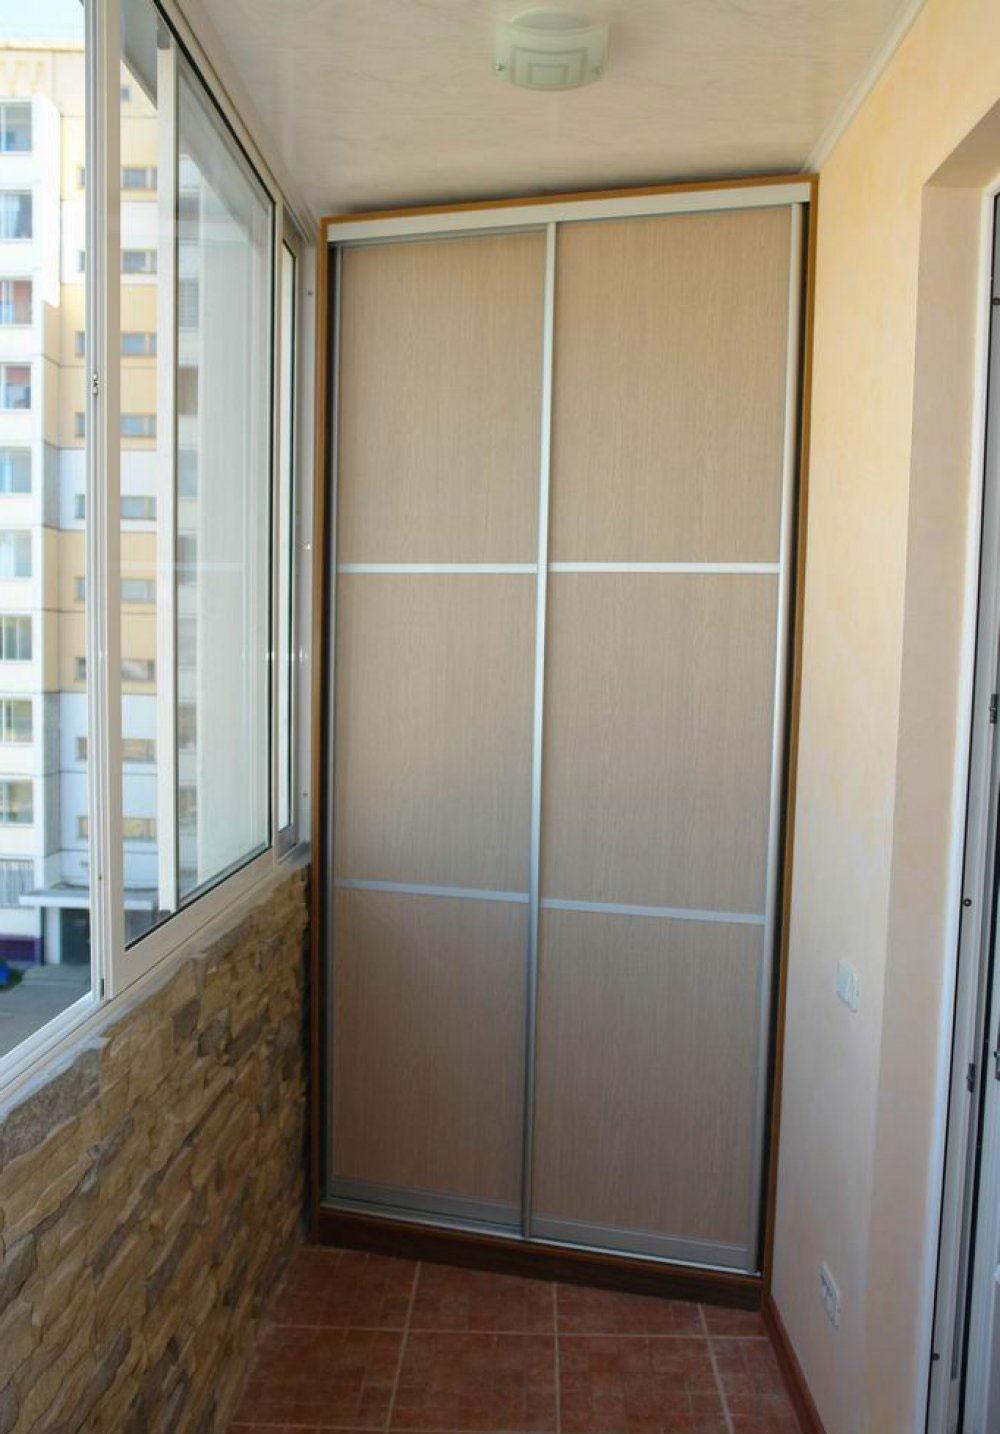 Дешевые шкафы на балкон заказать шкаф на балкон дешево эконо.